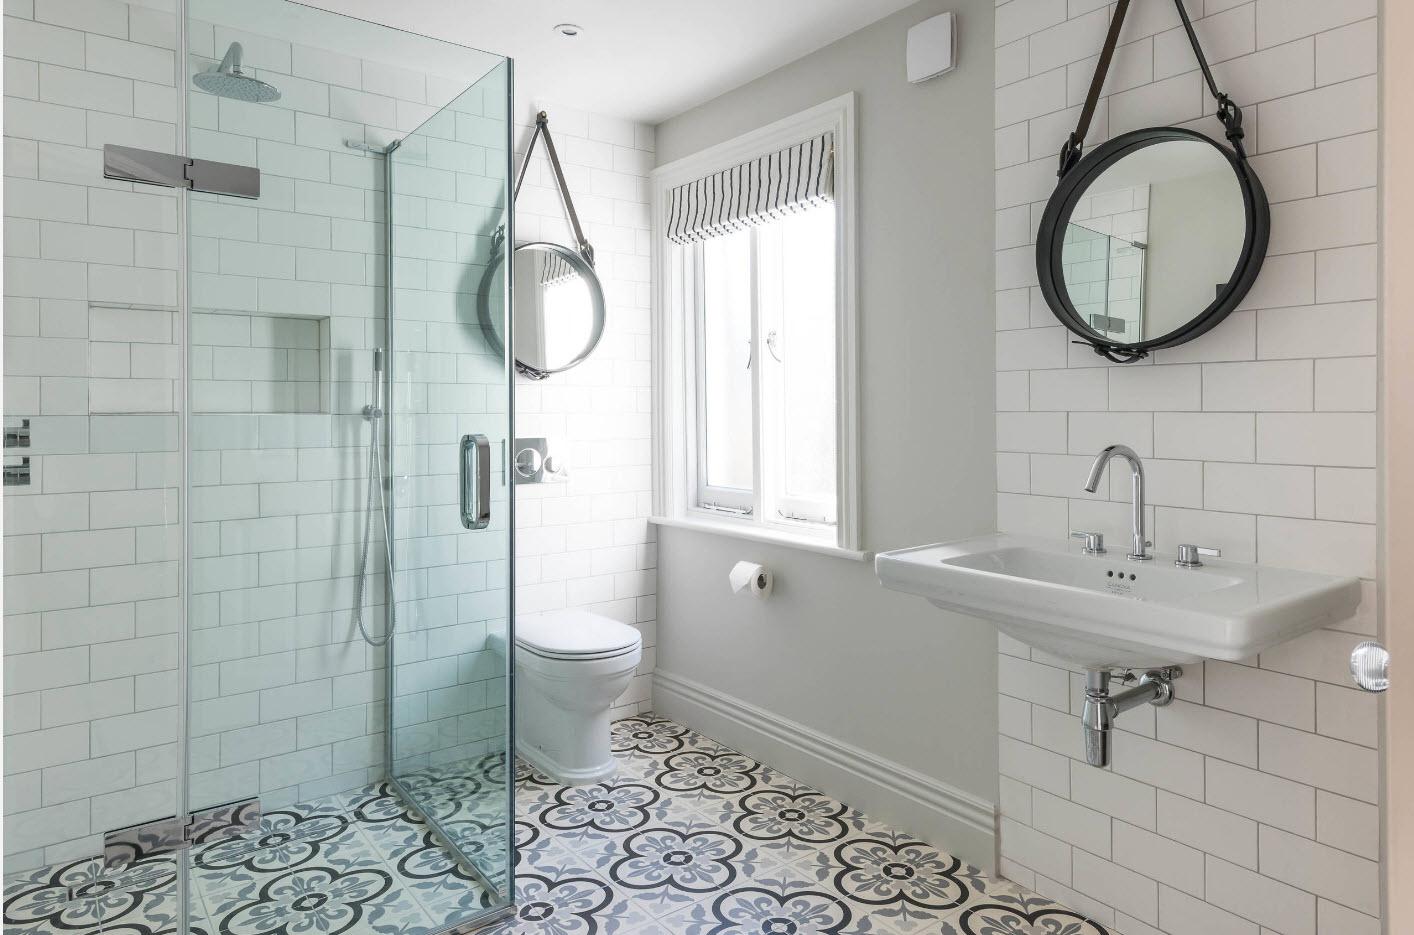 дизайн ванной с туалетом отделка плиткой